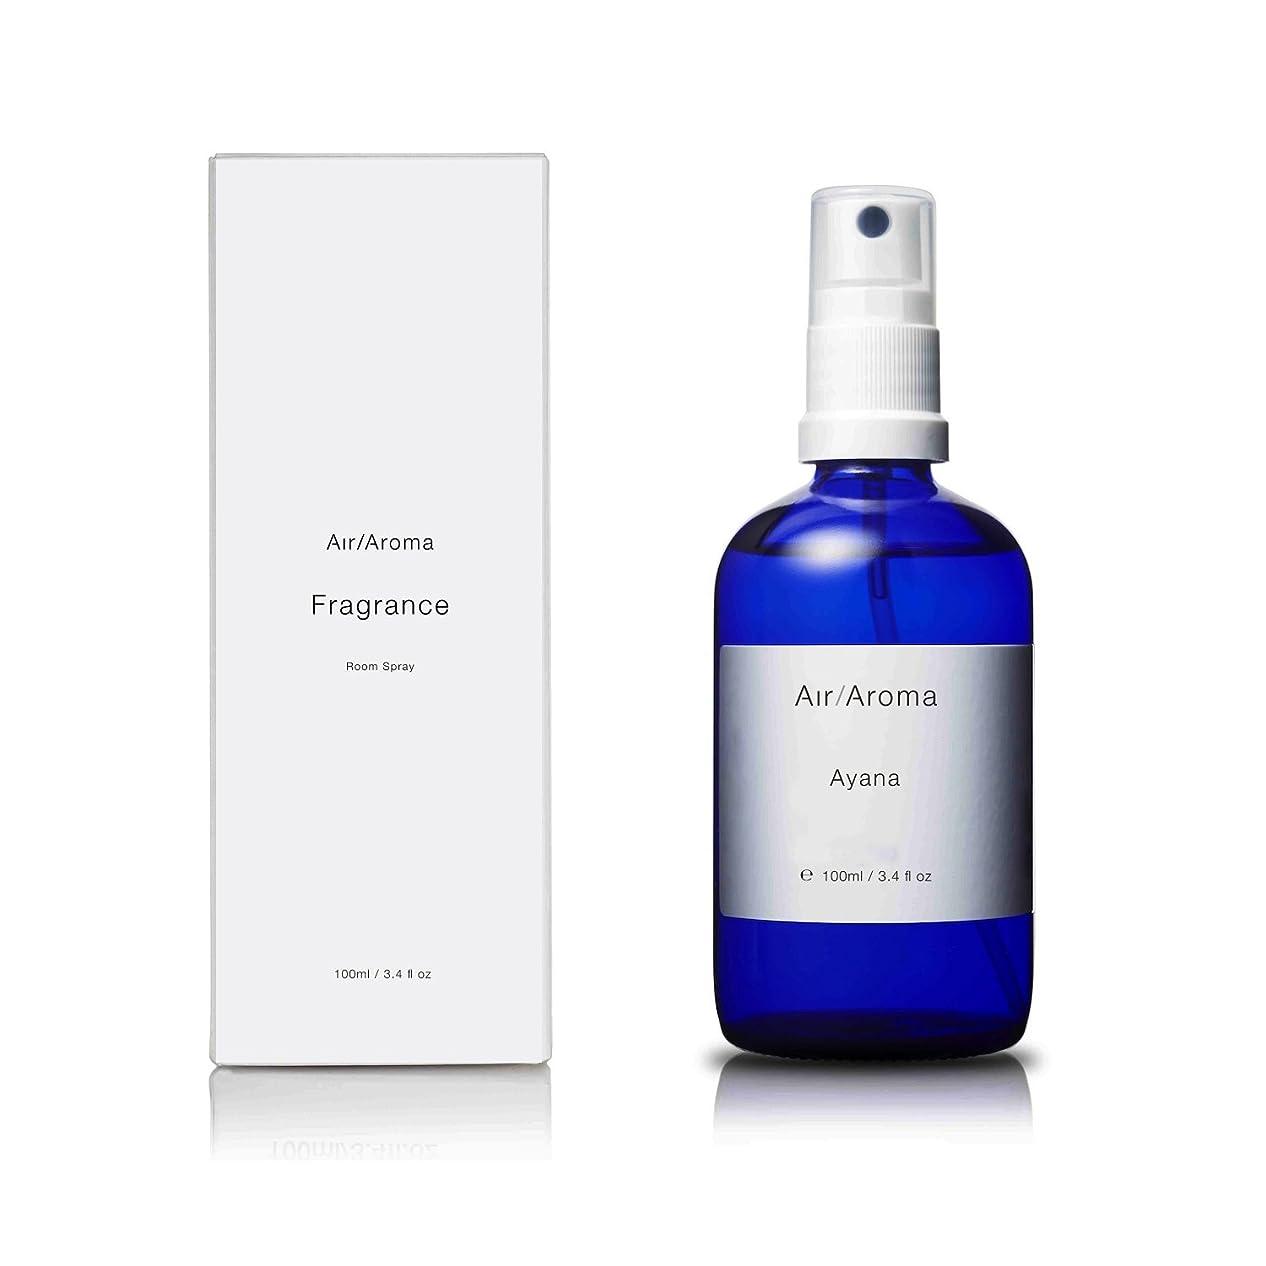 仮定自転車熟読するエアアロマ ayana room fragrance (アヤナ ルームフレグランス) 100ml